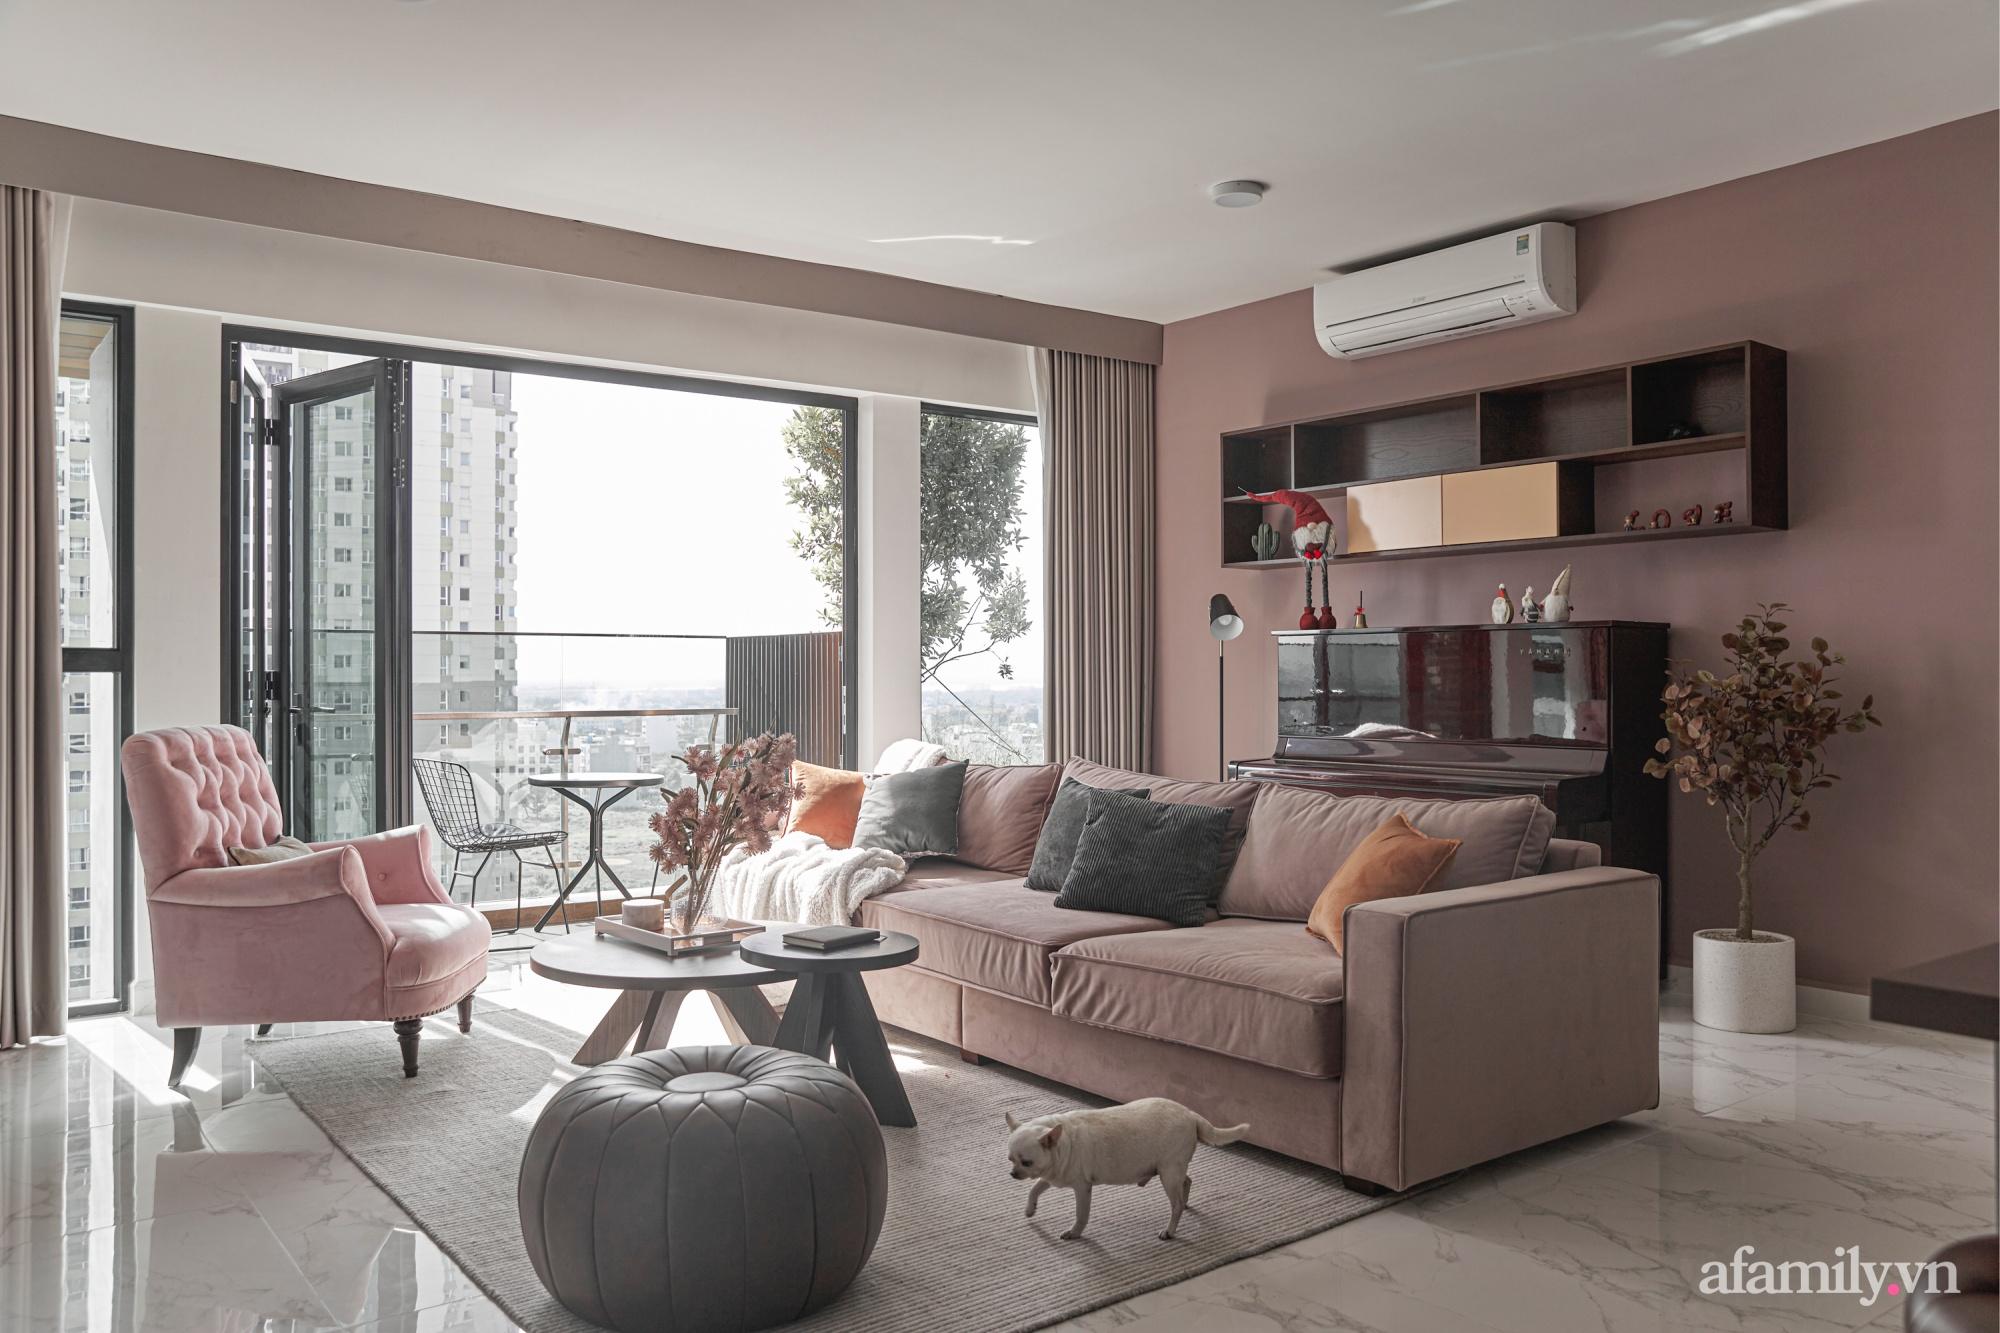 Căn hộ 170m² đẹp như bản tình ca lãng mạn nhờ sử dụng những gam màu nhẹ nhàng, nội thất cao cấp ở Sài Gòn - Ảnh 6.